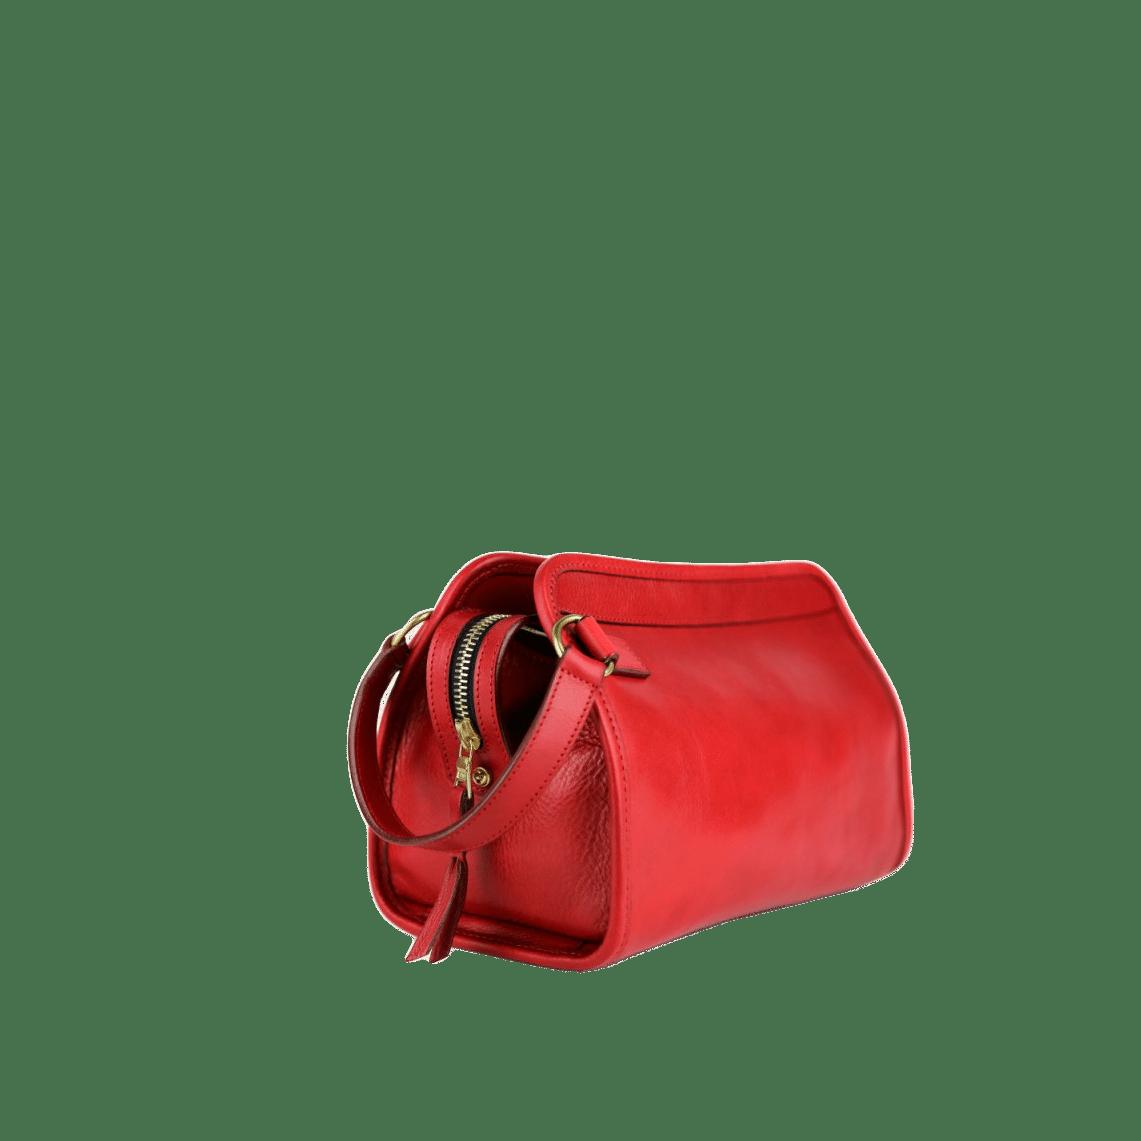 Frank Clegg Red Travel Kit Front